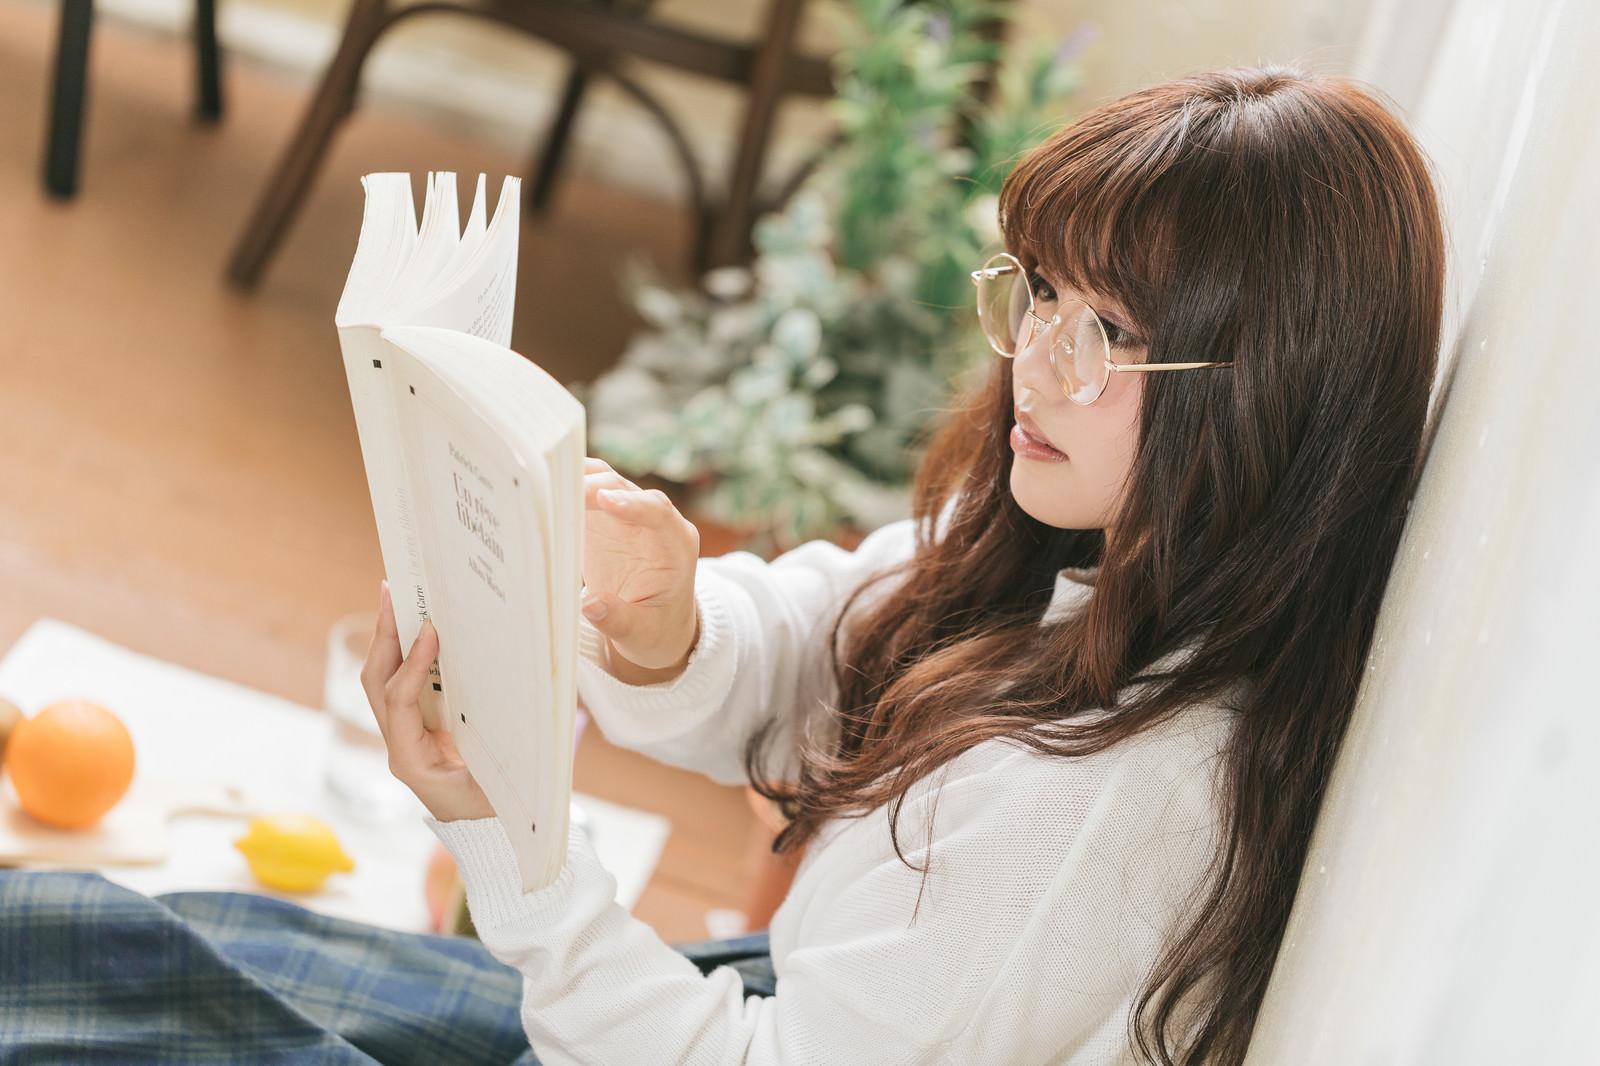 「読書中の文系女子の横顔」の写真[モデル:河村友歌]